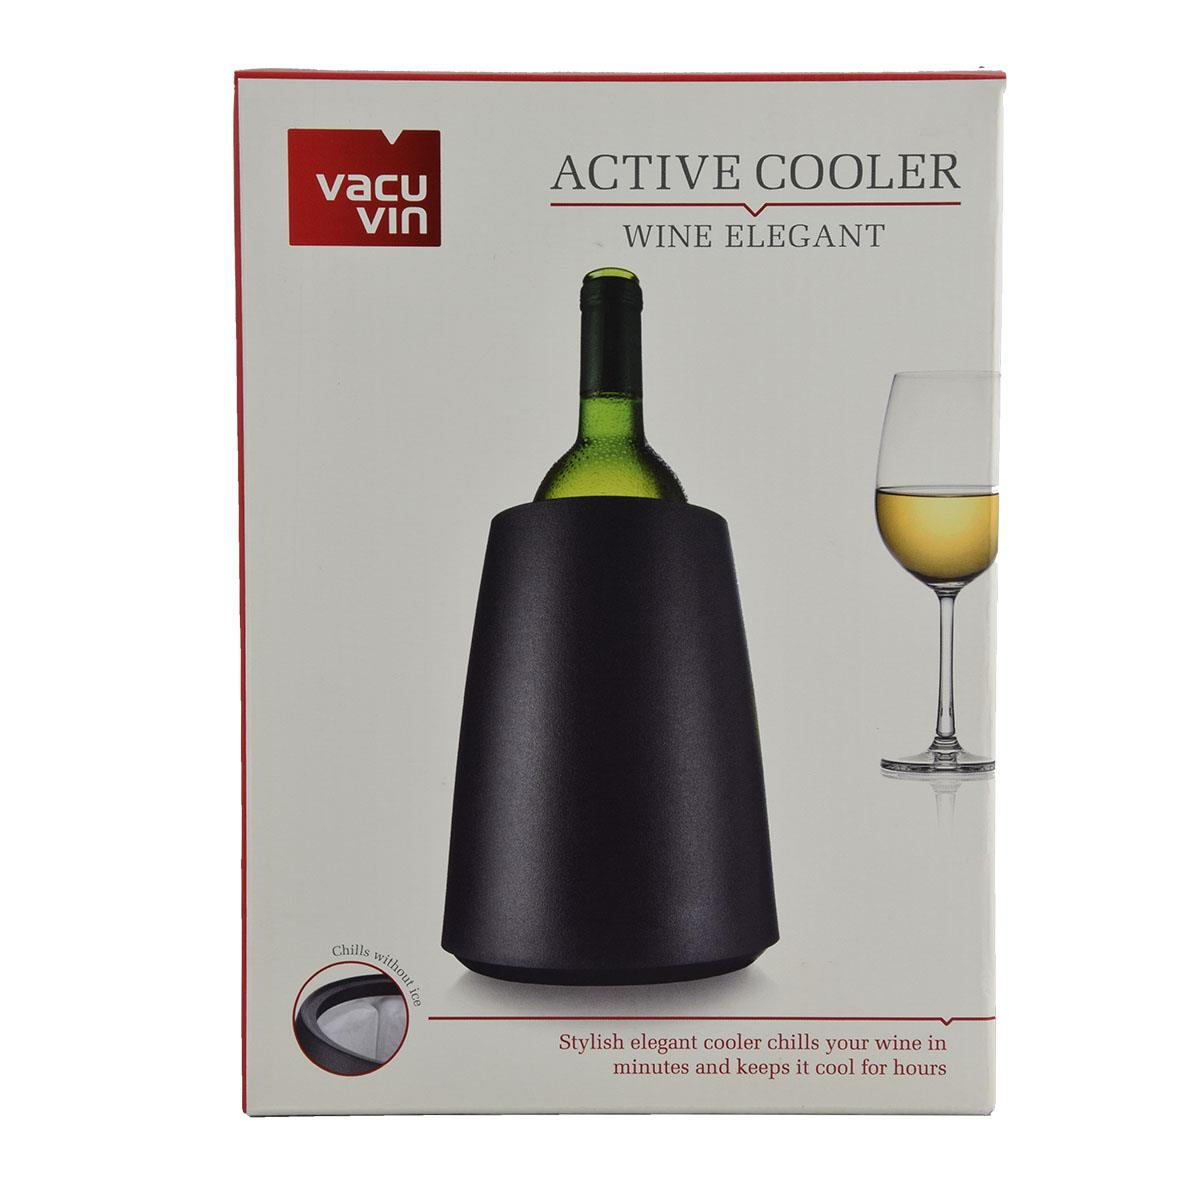 Σαμπανιέρα Vacu Vin Active Cooler